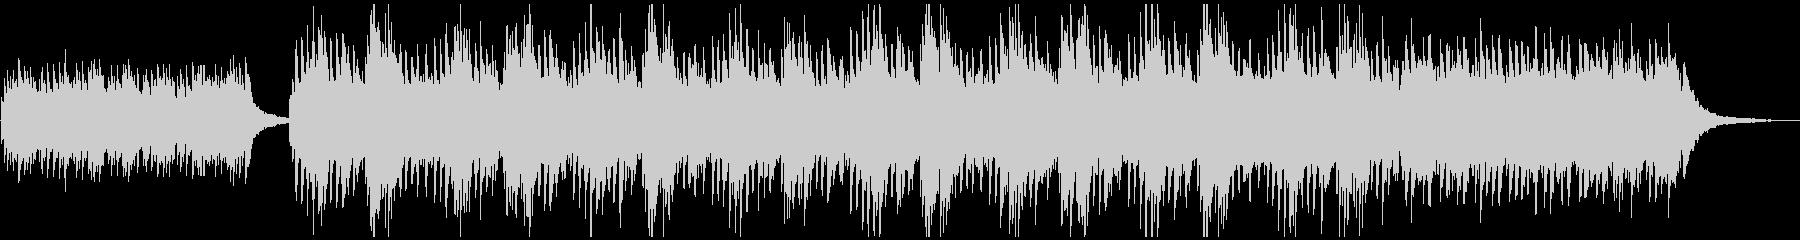 神秘的ピアノのアンビエントの未再生の波形